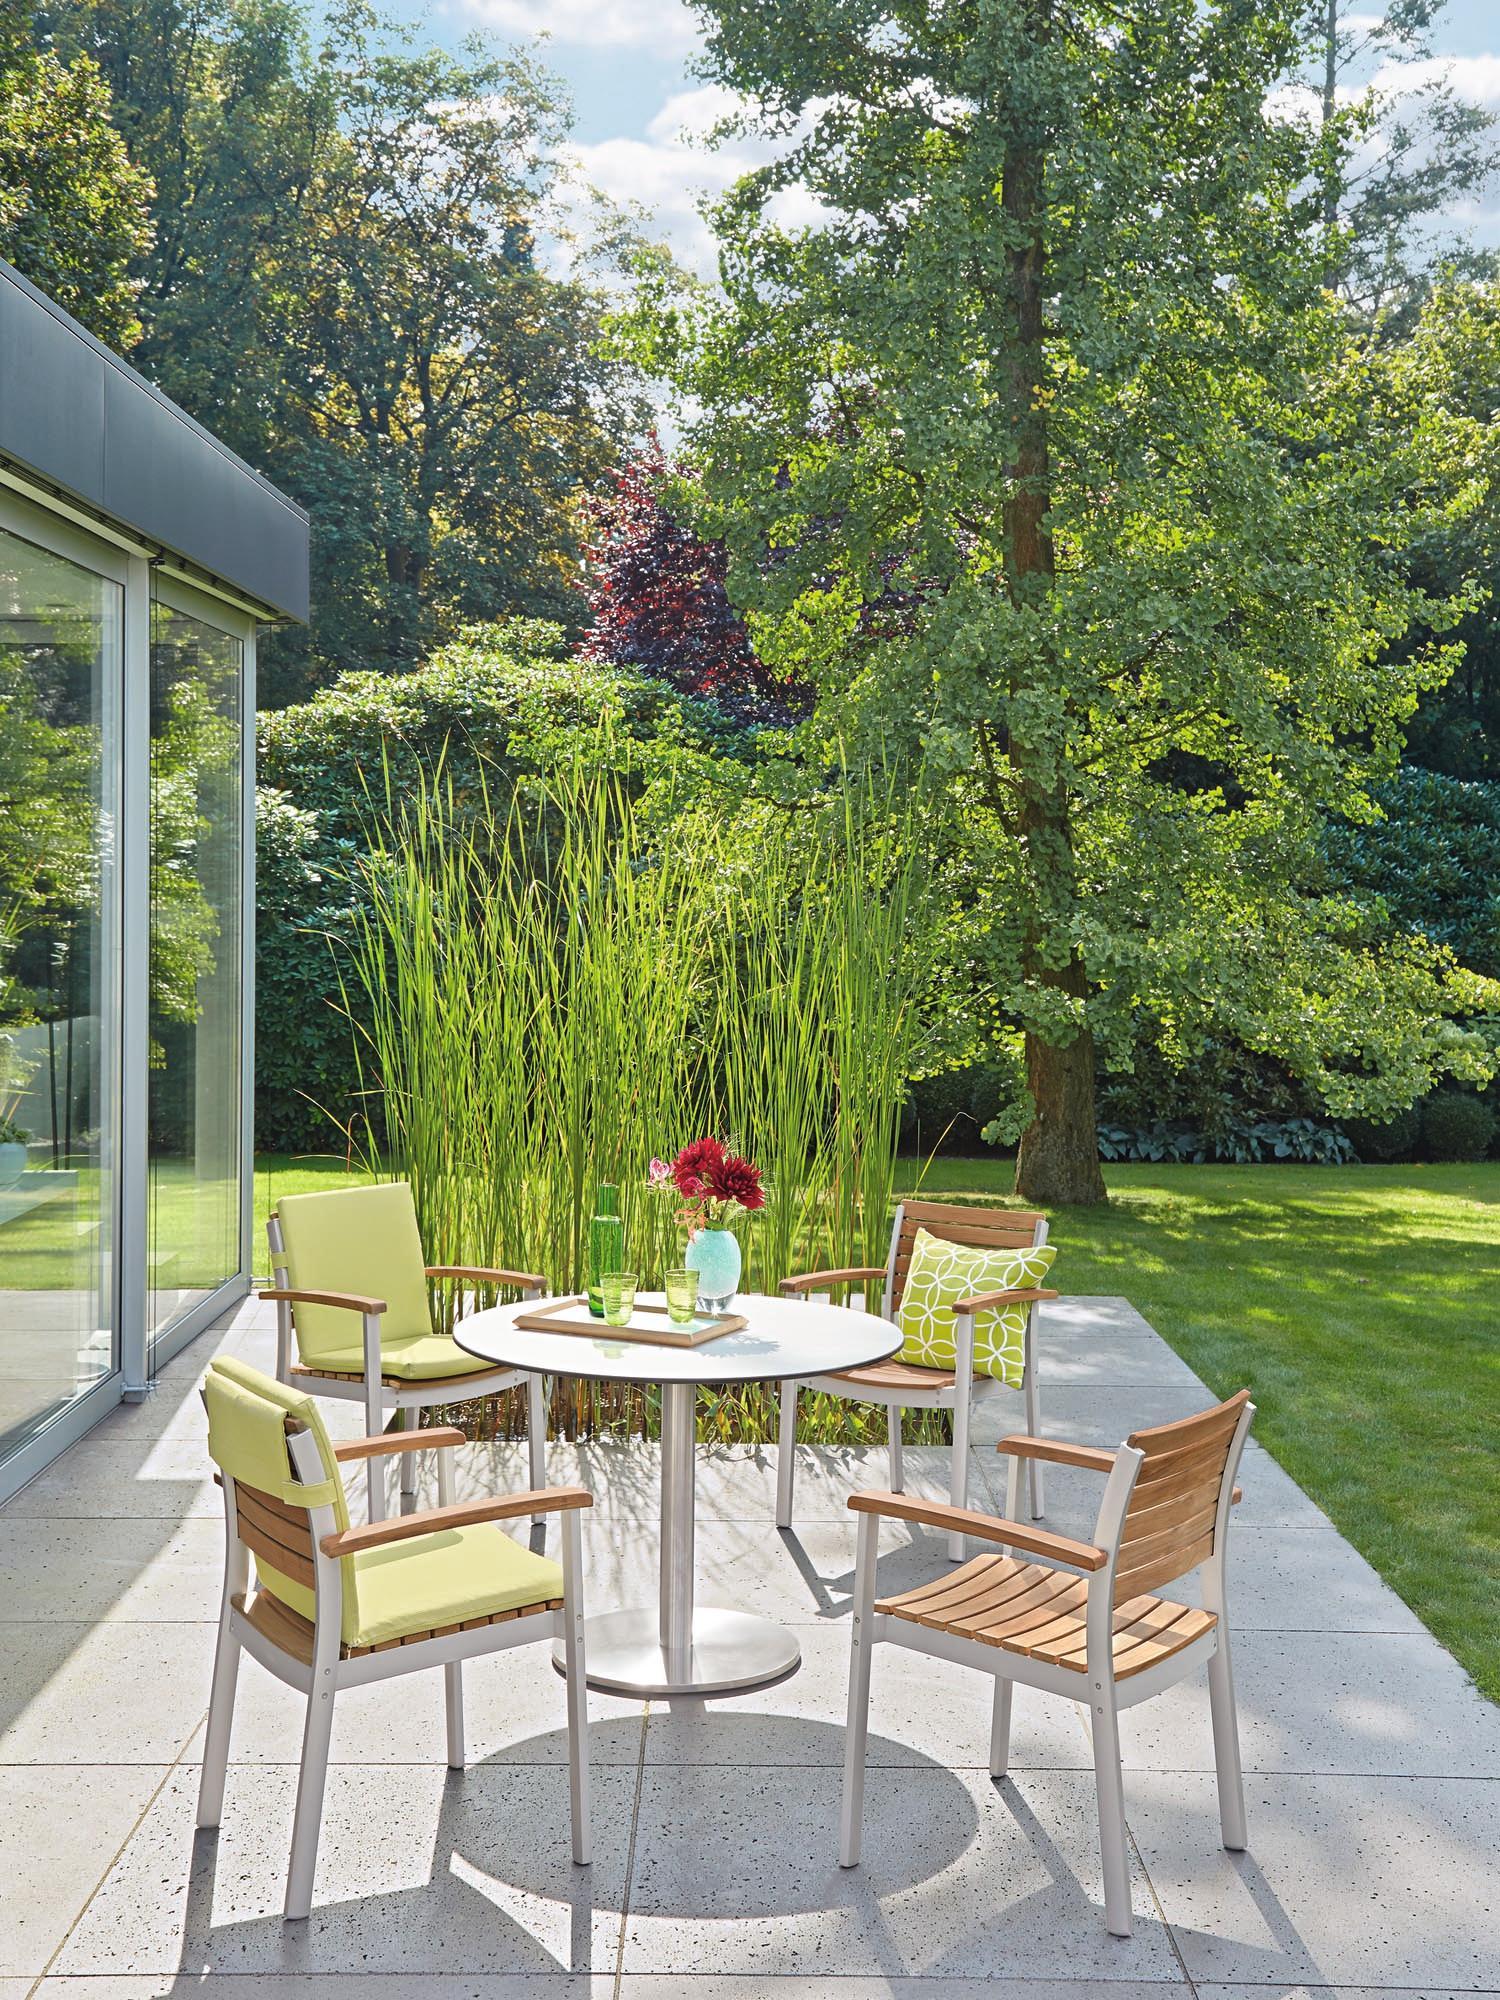 Full Size of Paravent Terrasse Mit Sichtschutz So Schaffst Du Privatsphre Garten Wohnzimmer Paravent Terrasse